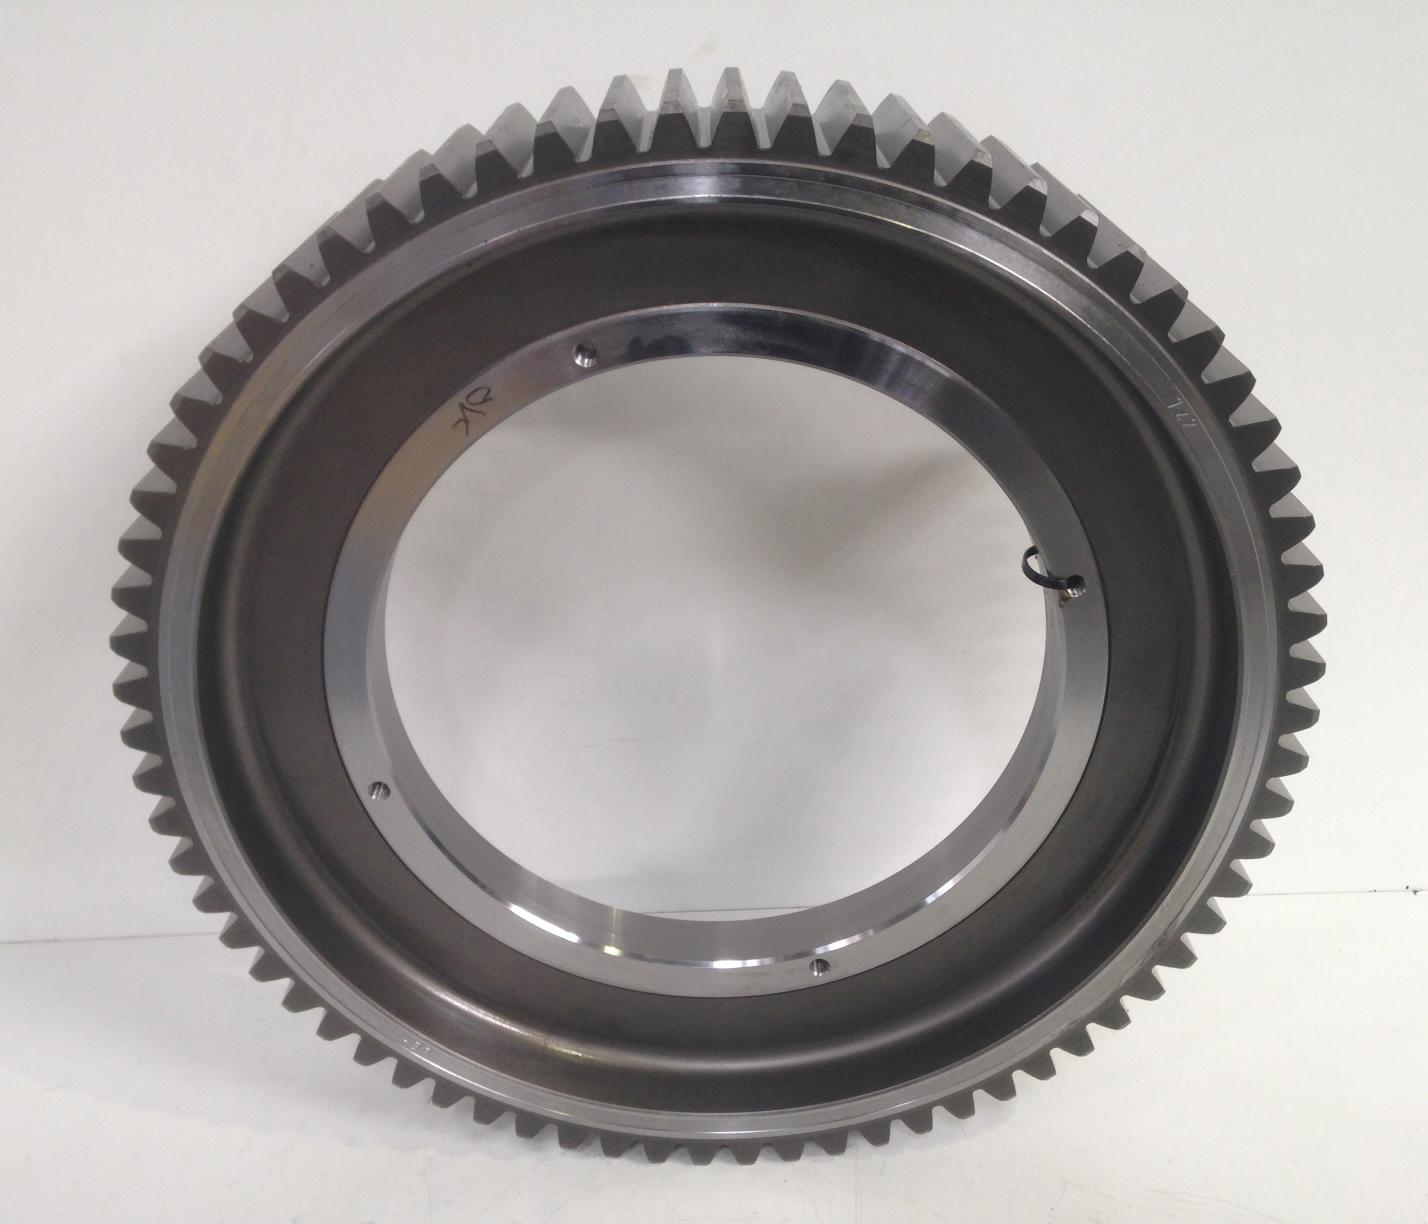 Gear wheel, 940/49-17